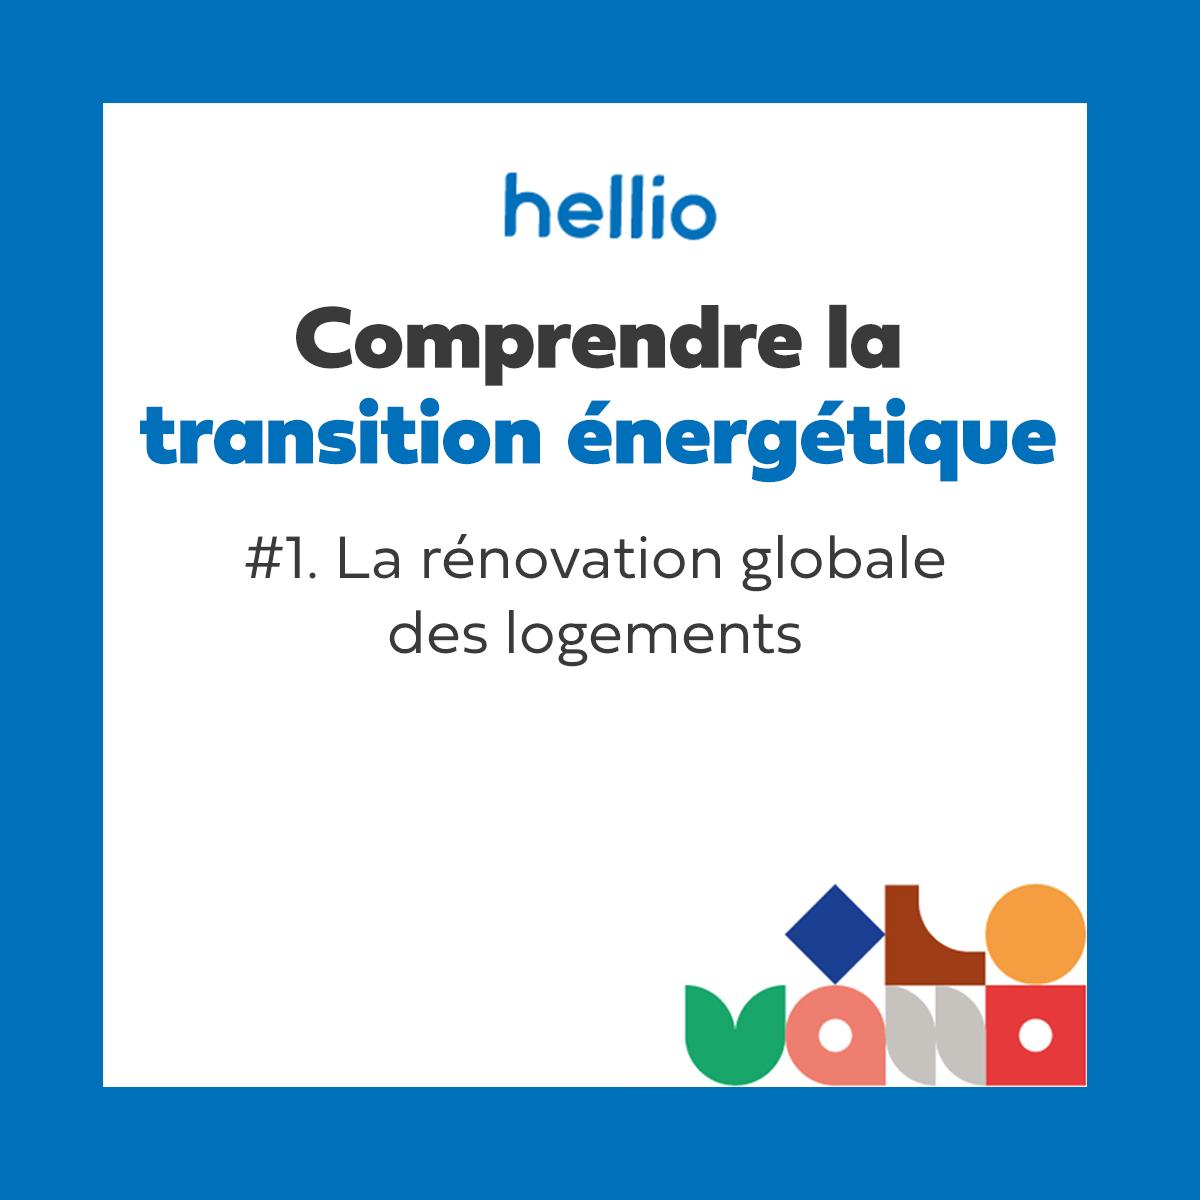 Podcast - Comprendre la transition énergétique : #1 la rénovation globale des logements